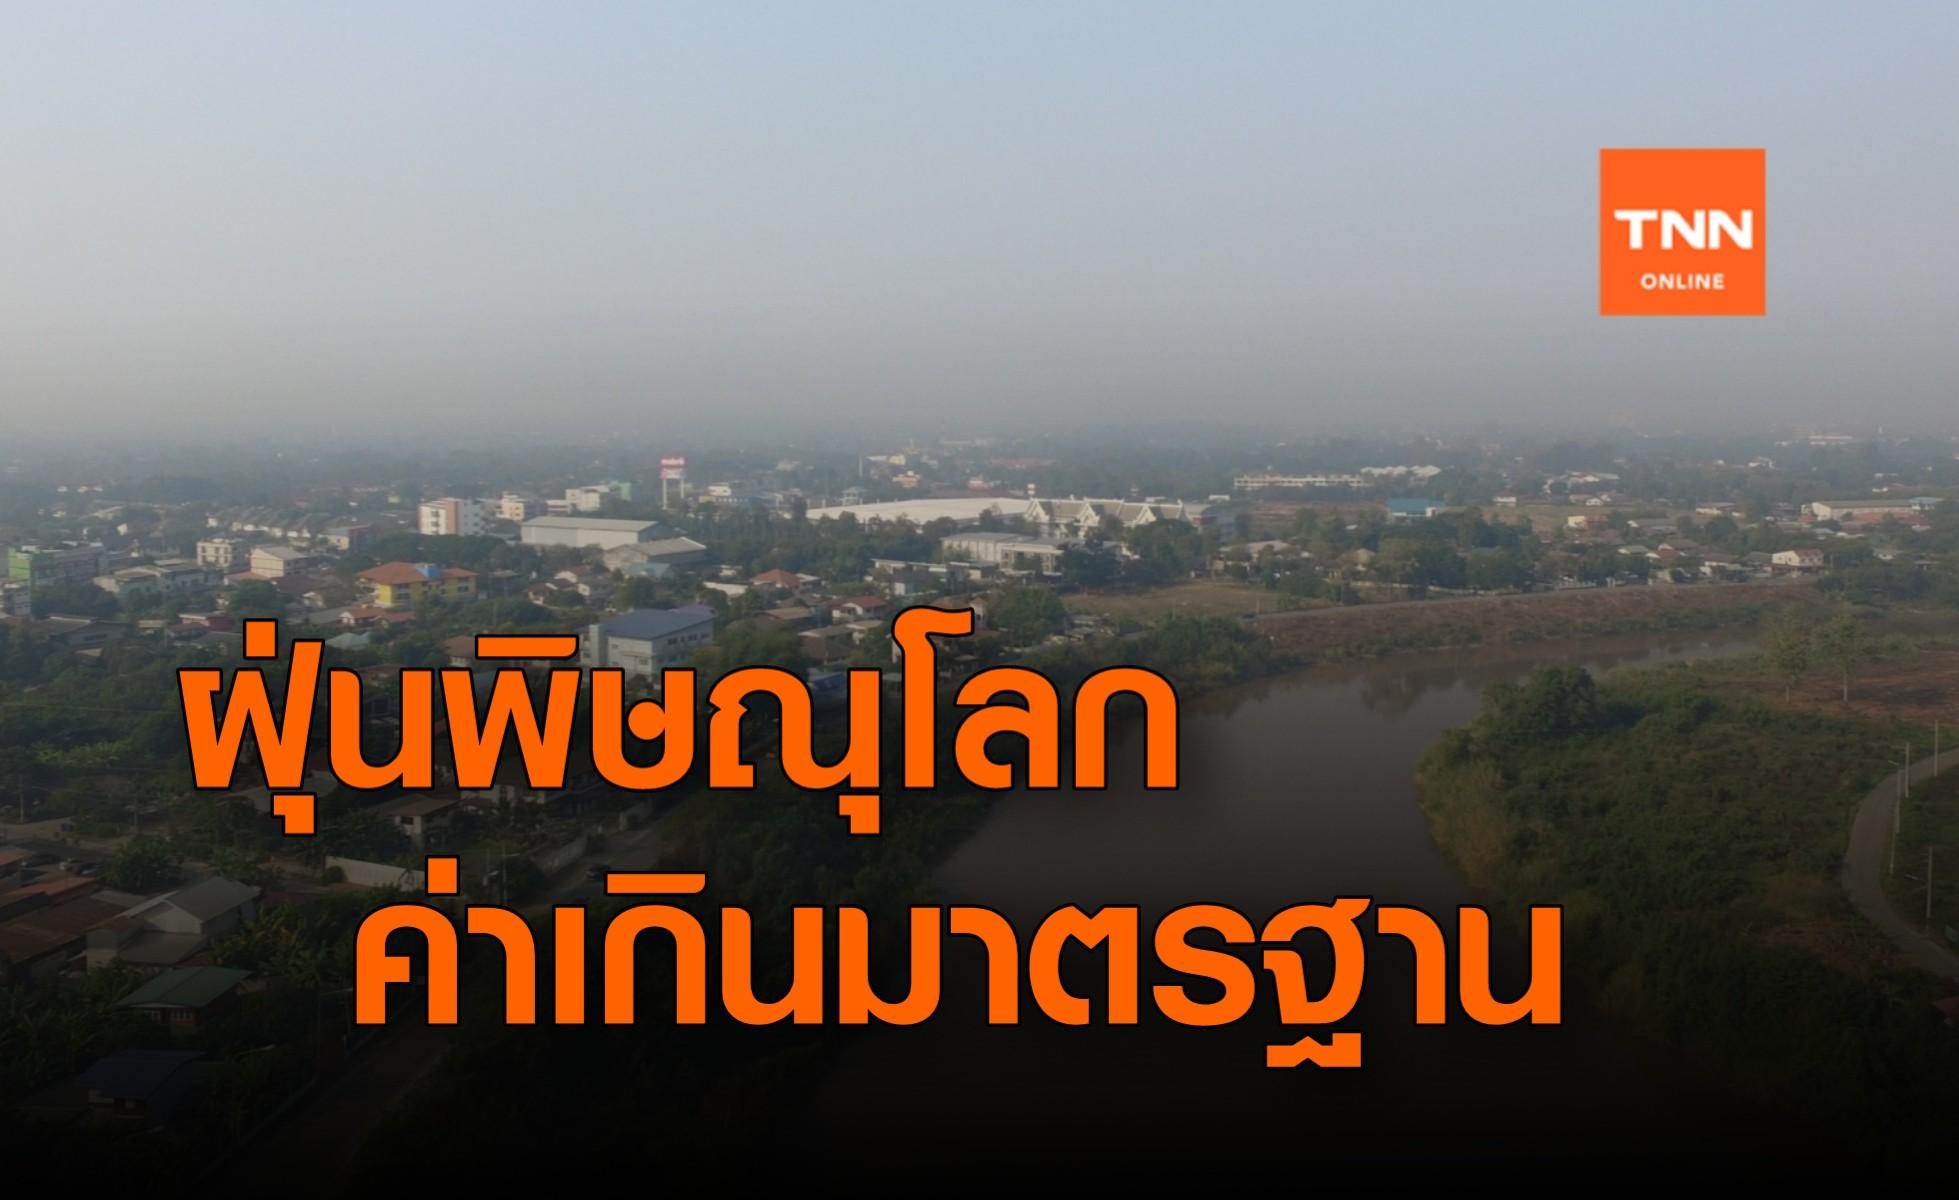 พิษณุโลก! ค่า PM 2.5 เกินมาตรฐานเริ่มมีผลกระทบต่อสุขภาพ